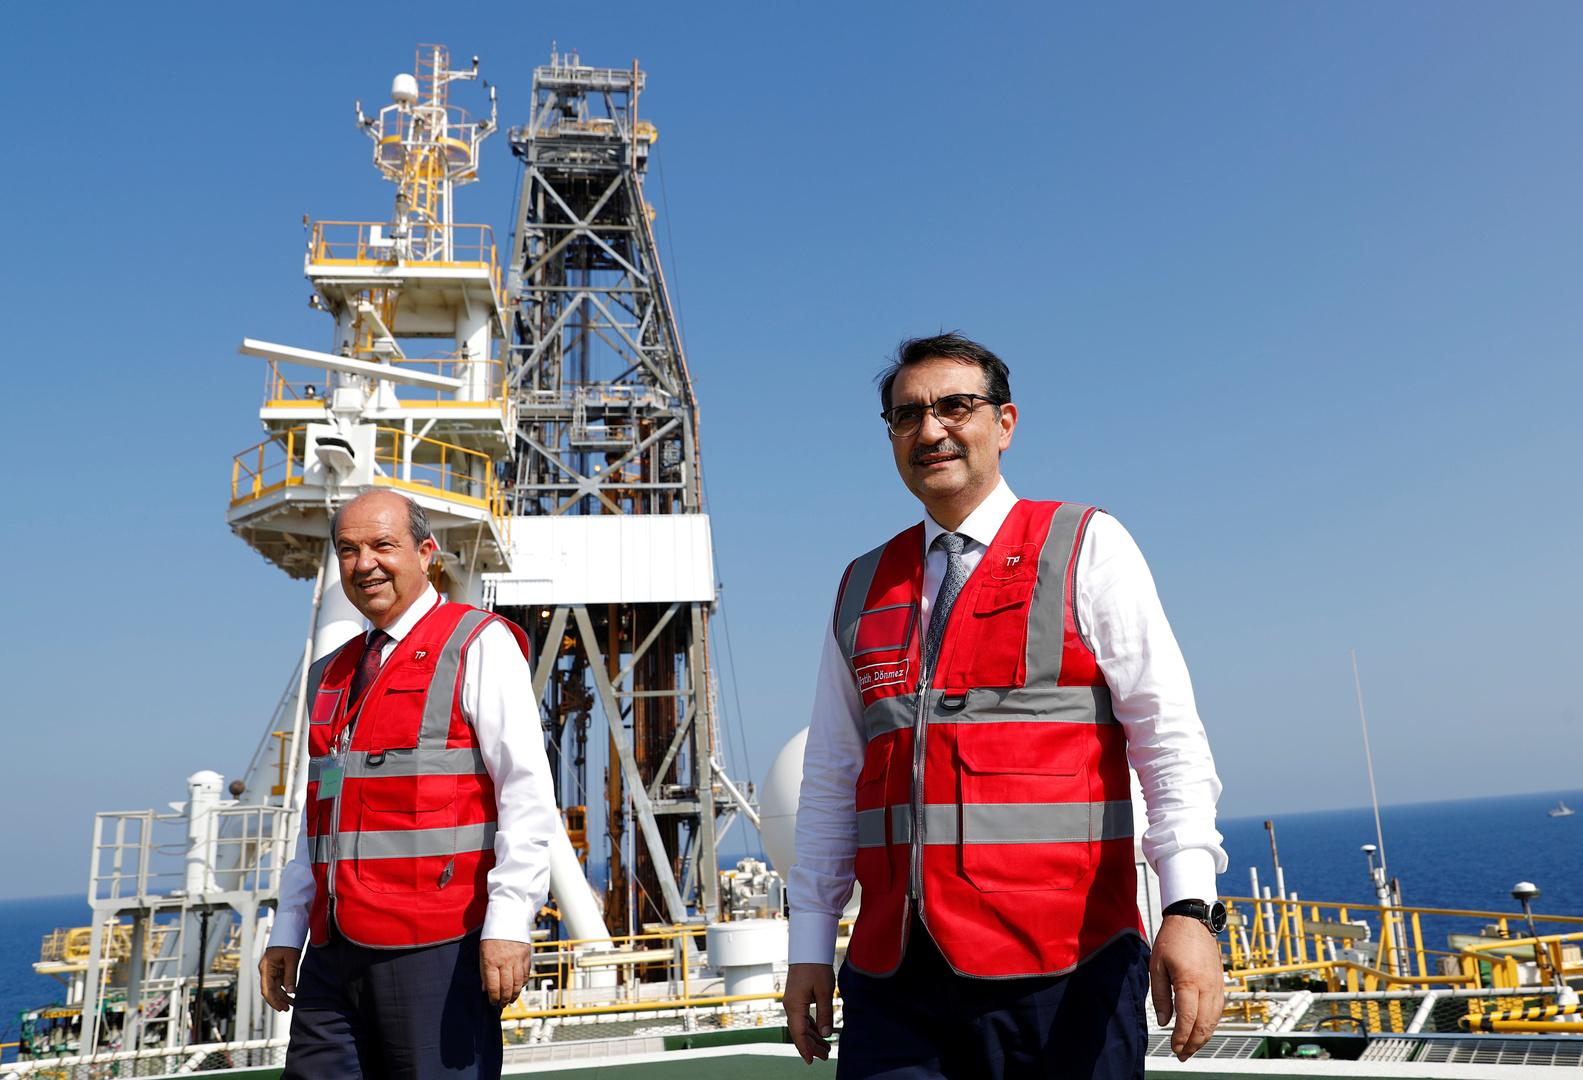 الاتحاد الأوروبي بصدد فرض عقوبات على تركيا على خلفية التنقيب عن النفط بمياه قبرص الإقليمية